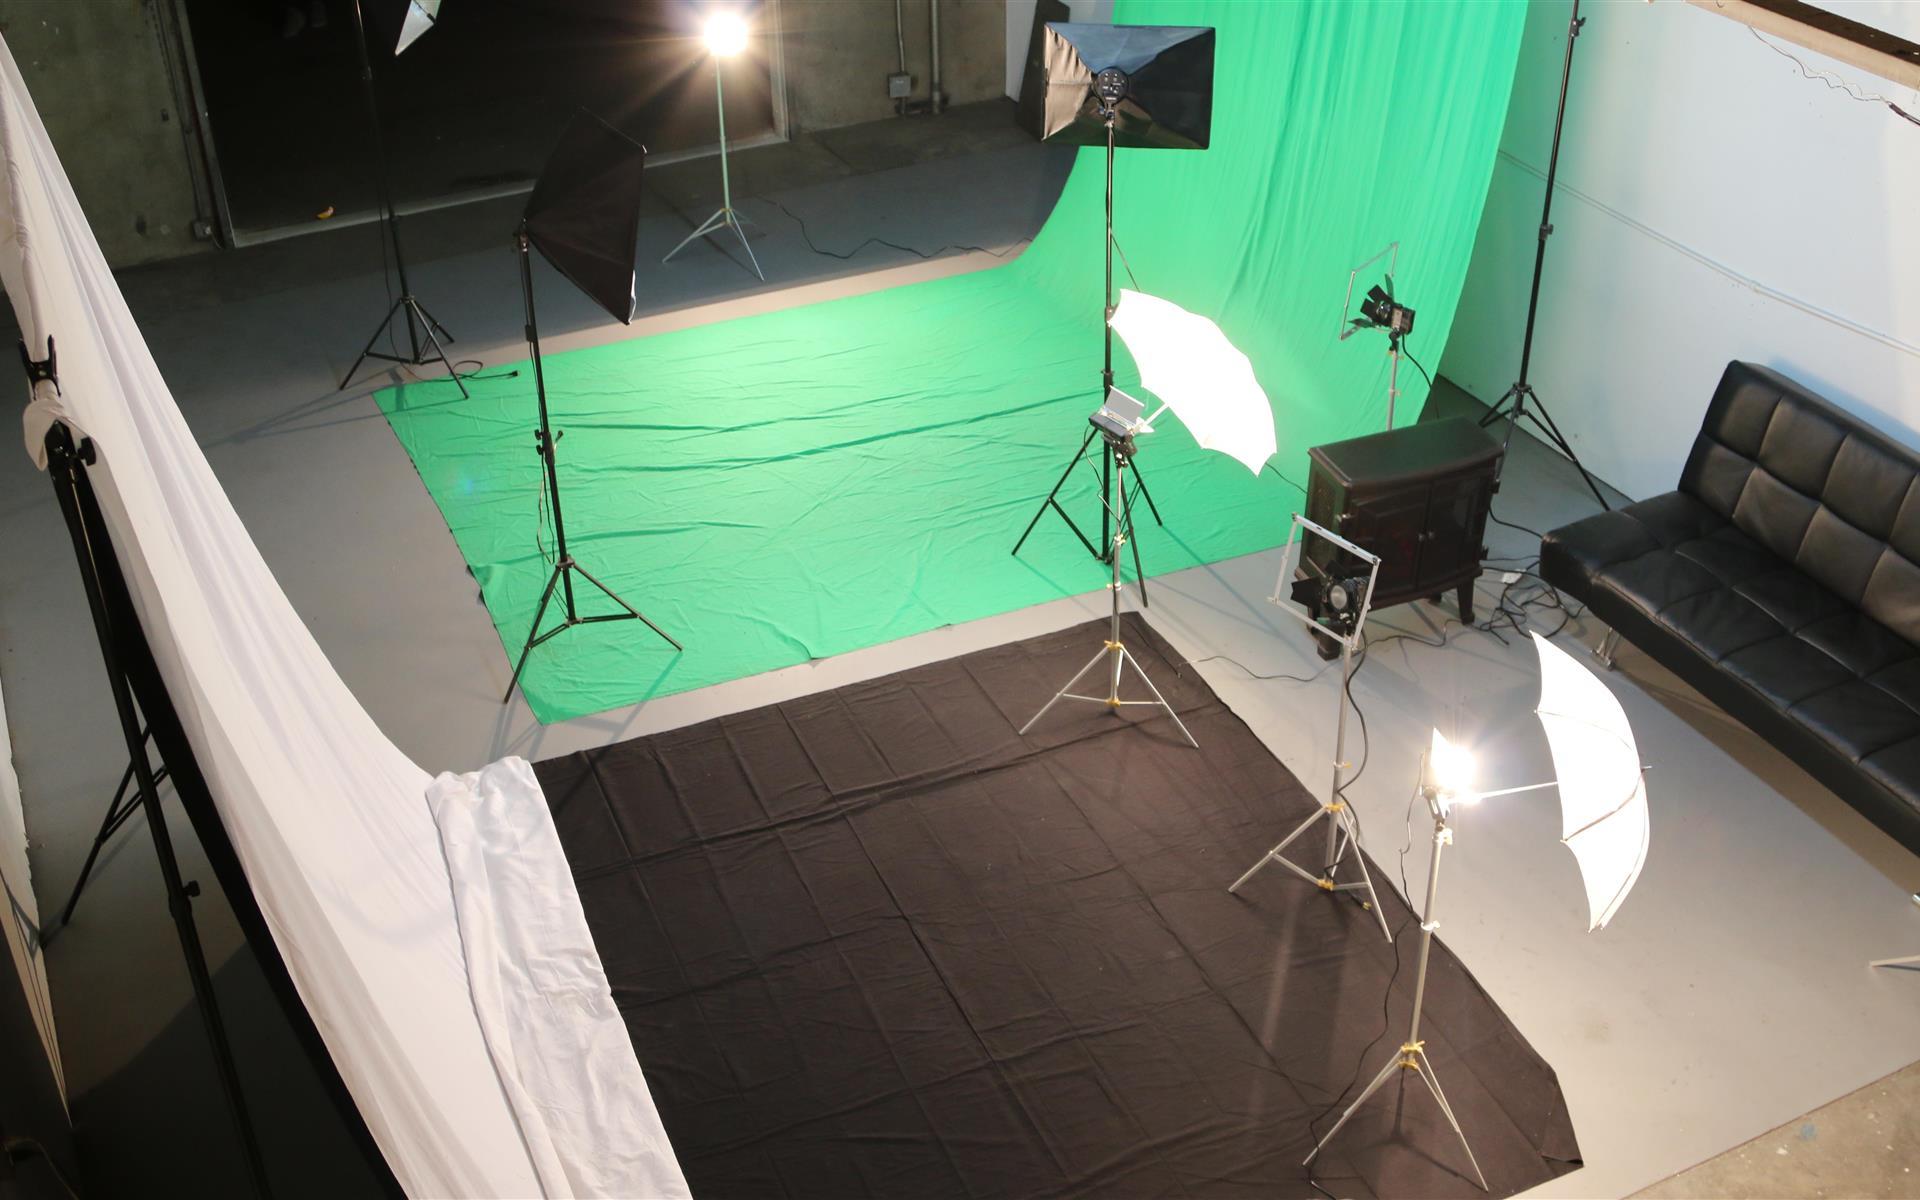 Phat Studios - Colton CA - Phat Studio's- Photo/Video Studio